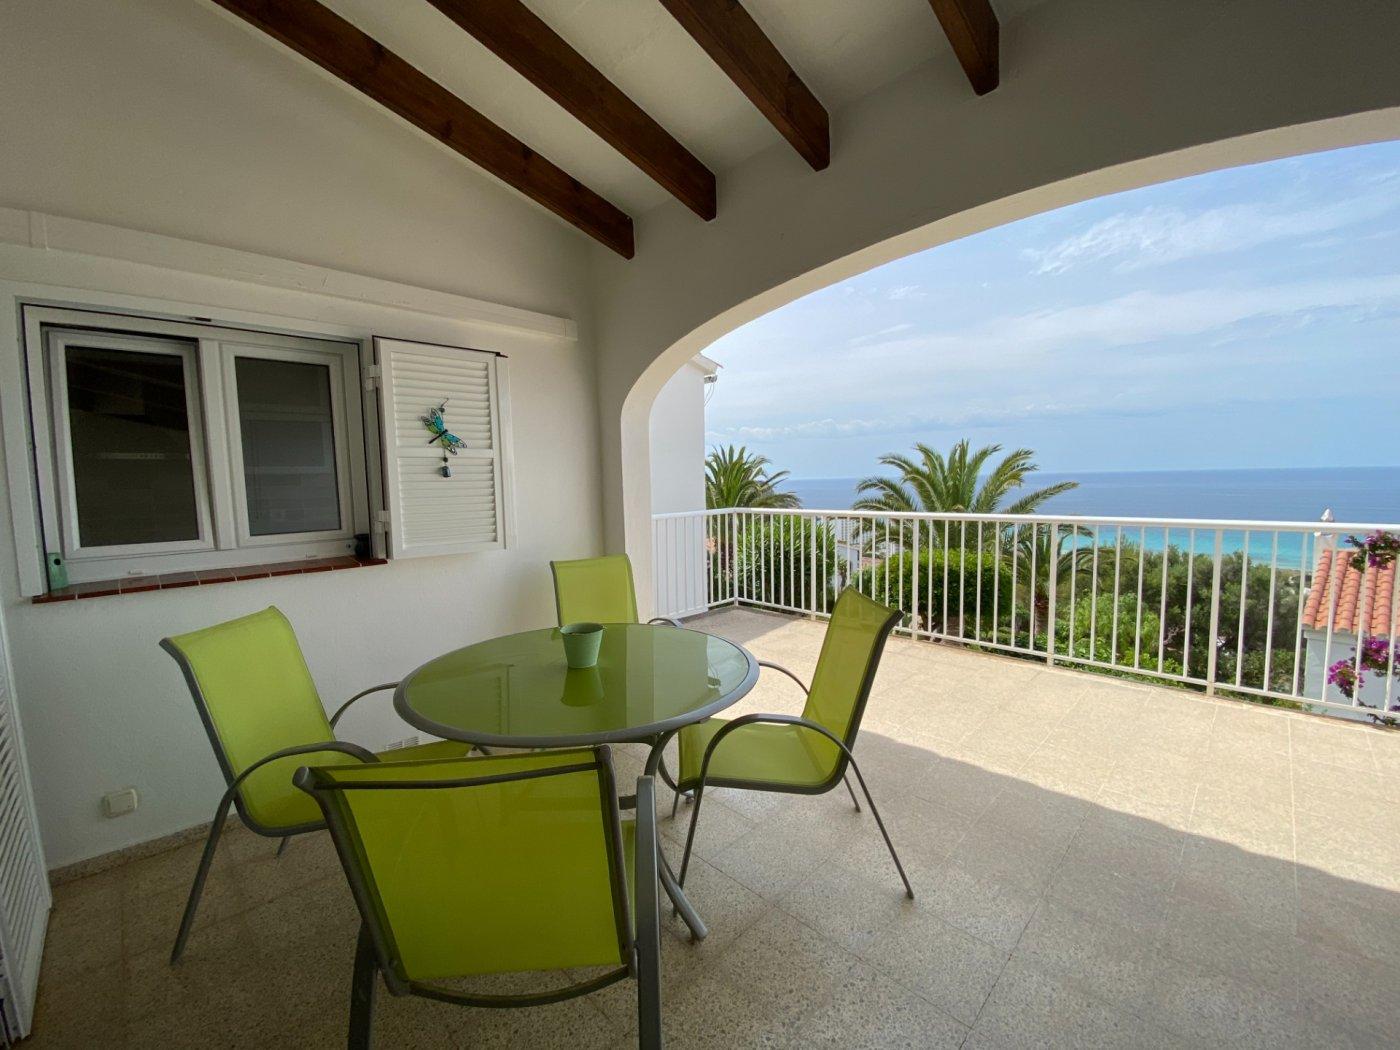 Apartamento con licencia turística en son bou - imagenInmueble13